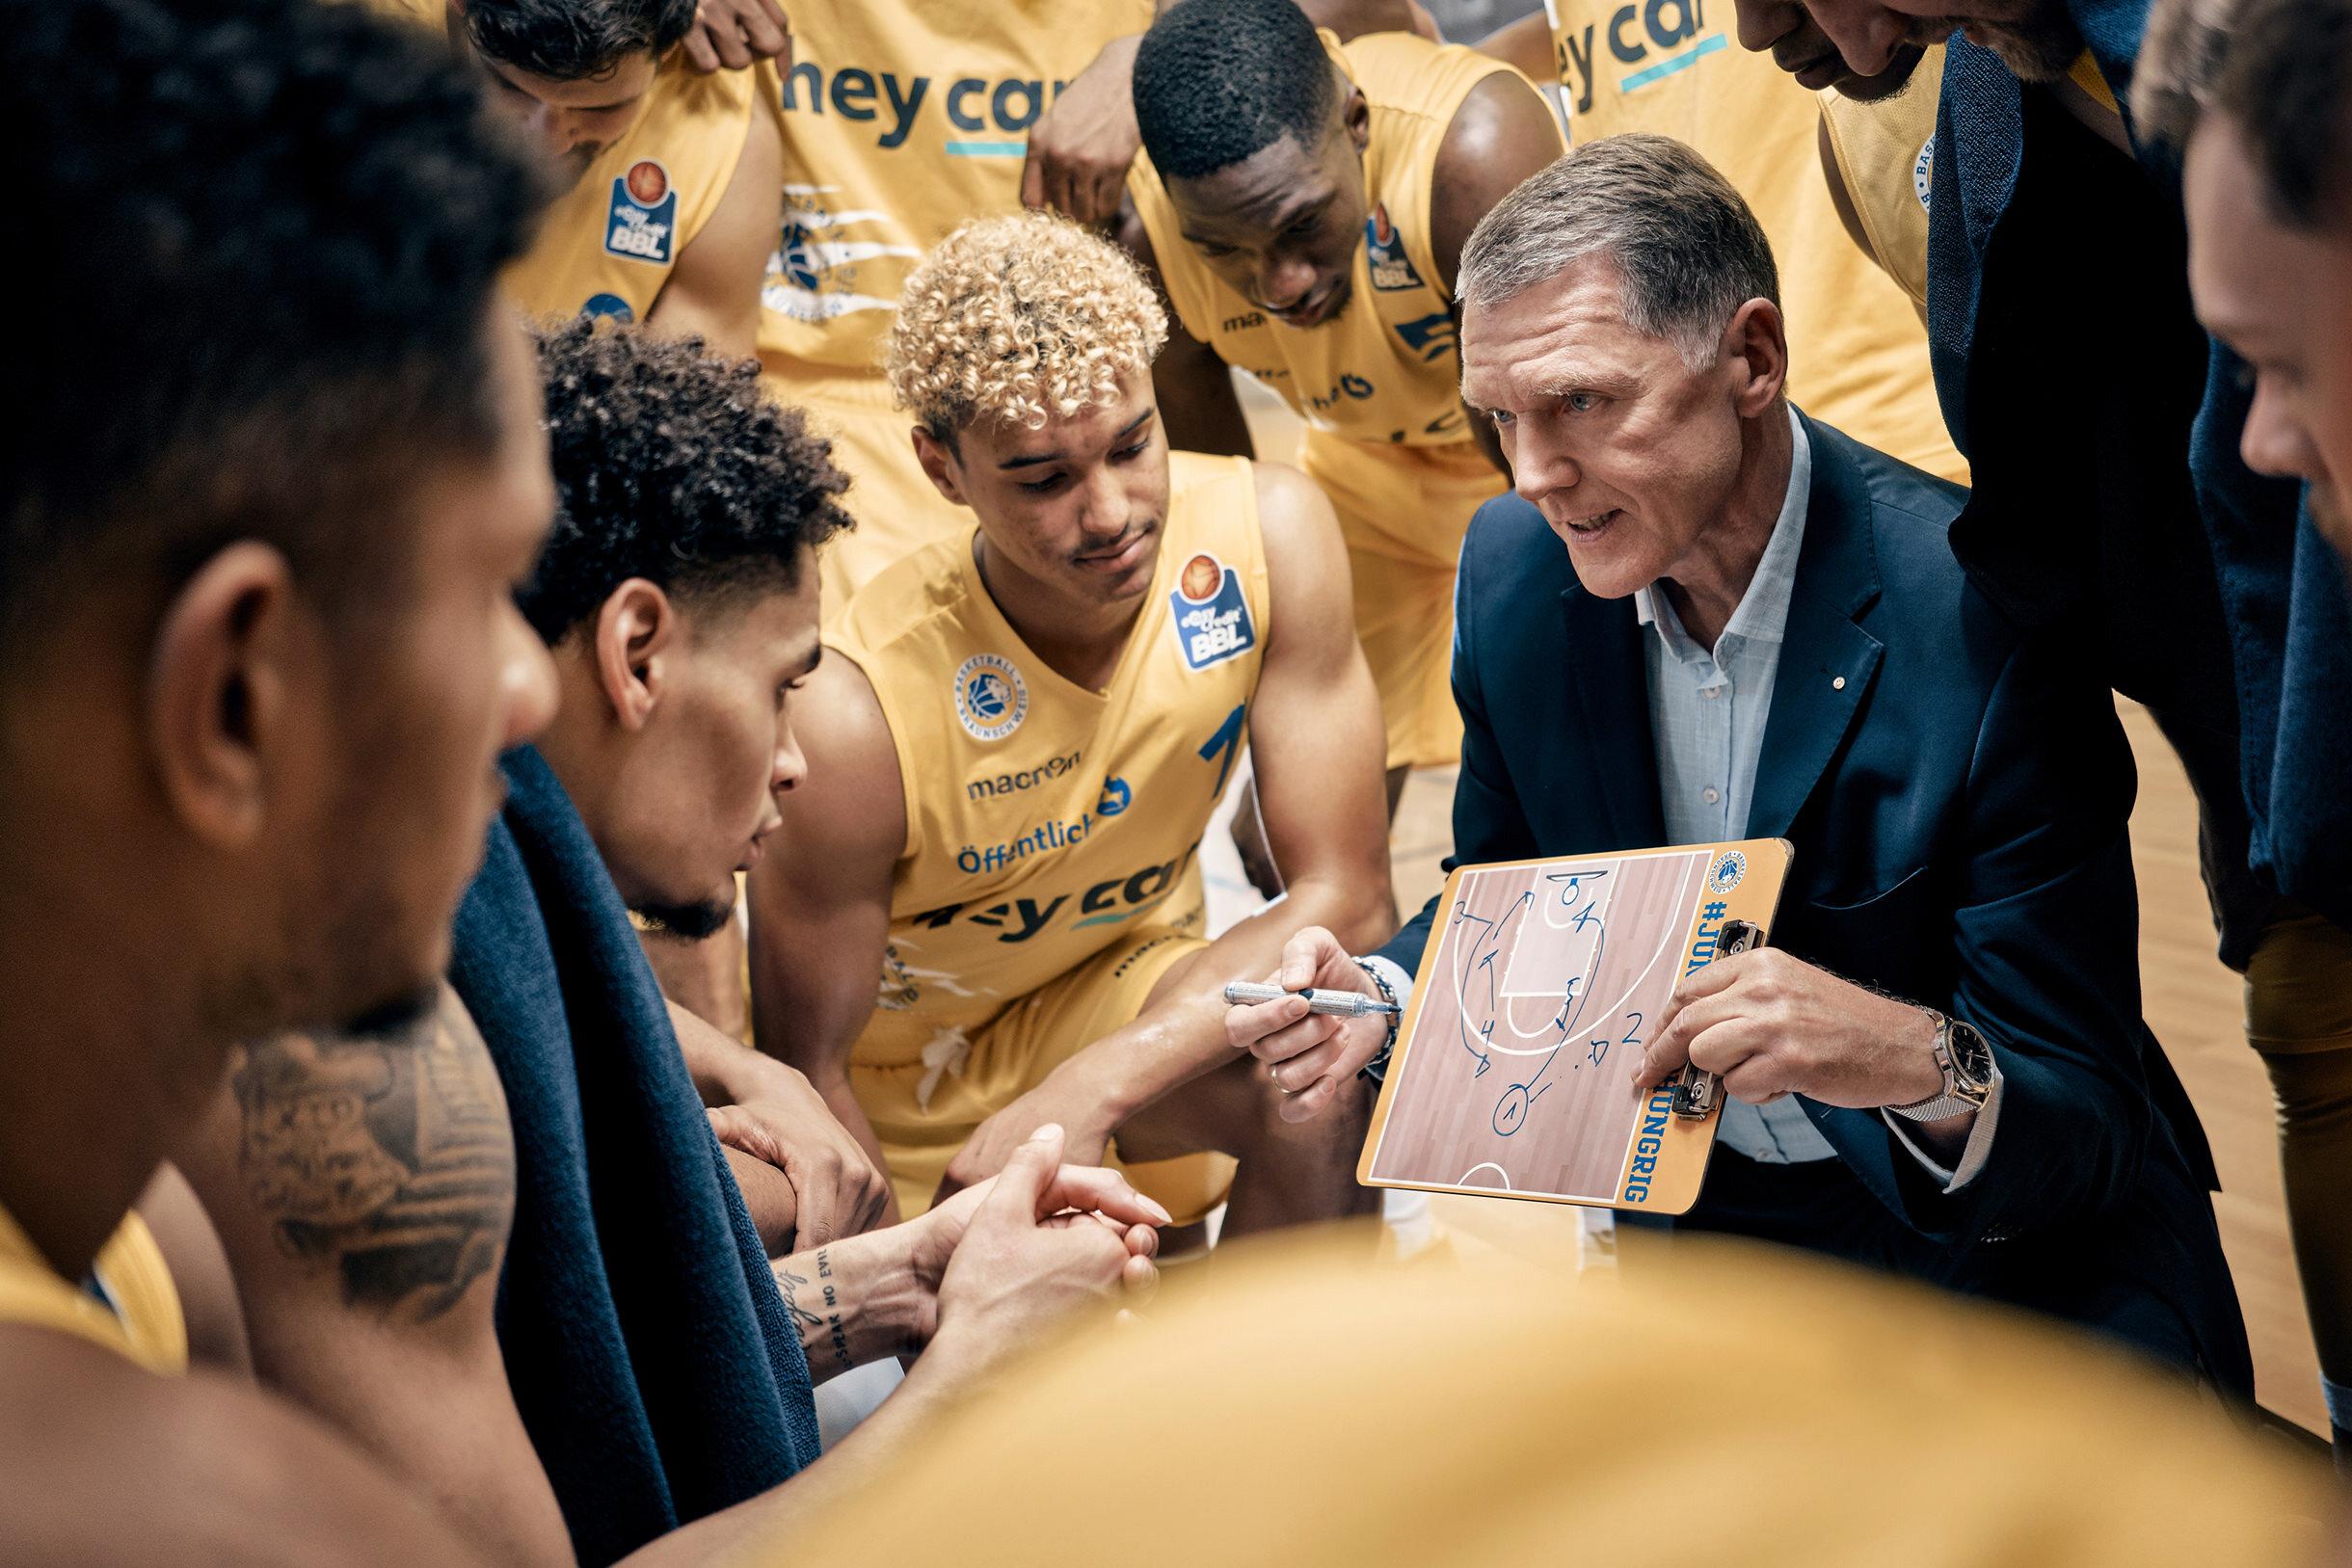 Öffentliche Versicherung  Basketball Löwen Braunschweig Sponsoring Keyvisual